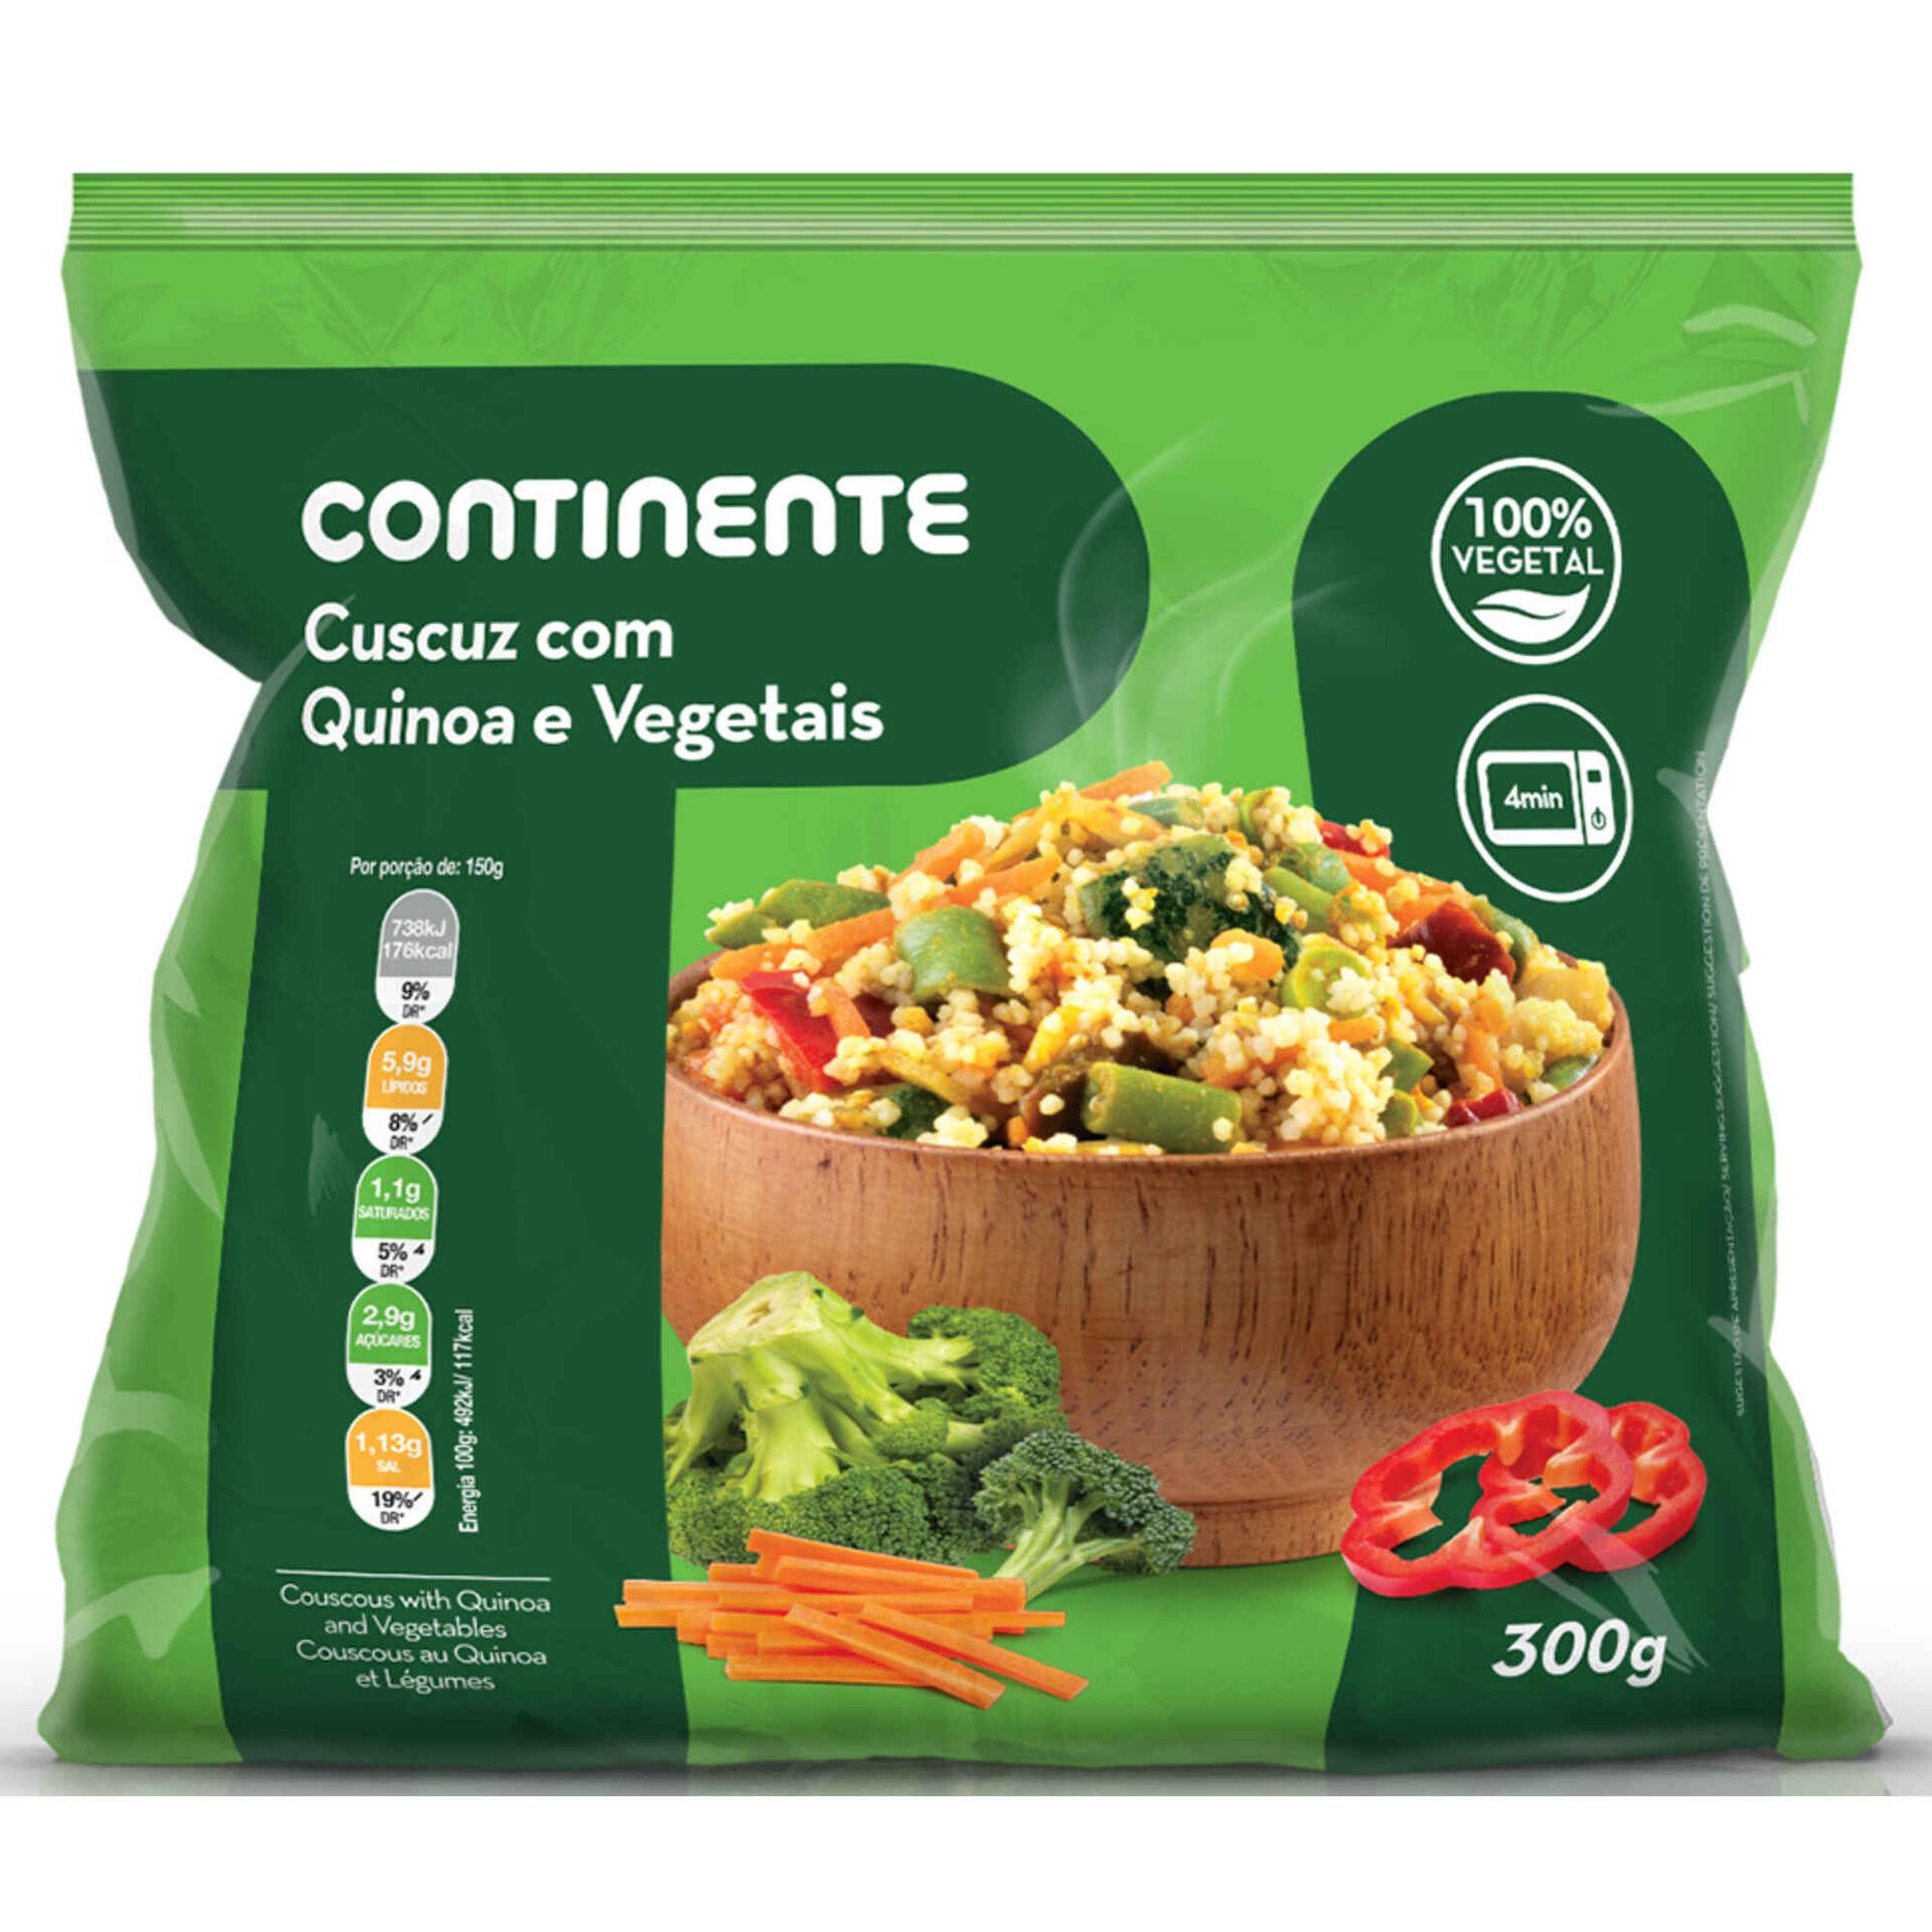 Couscous de Quinoa e Vegetais